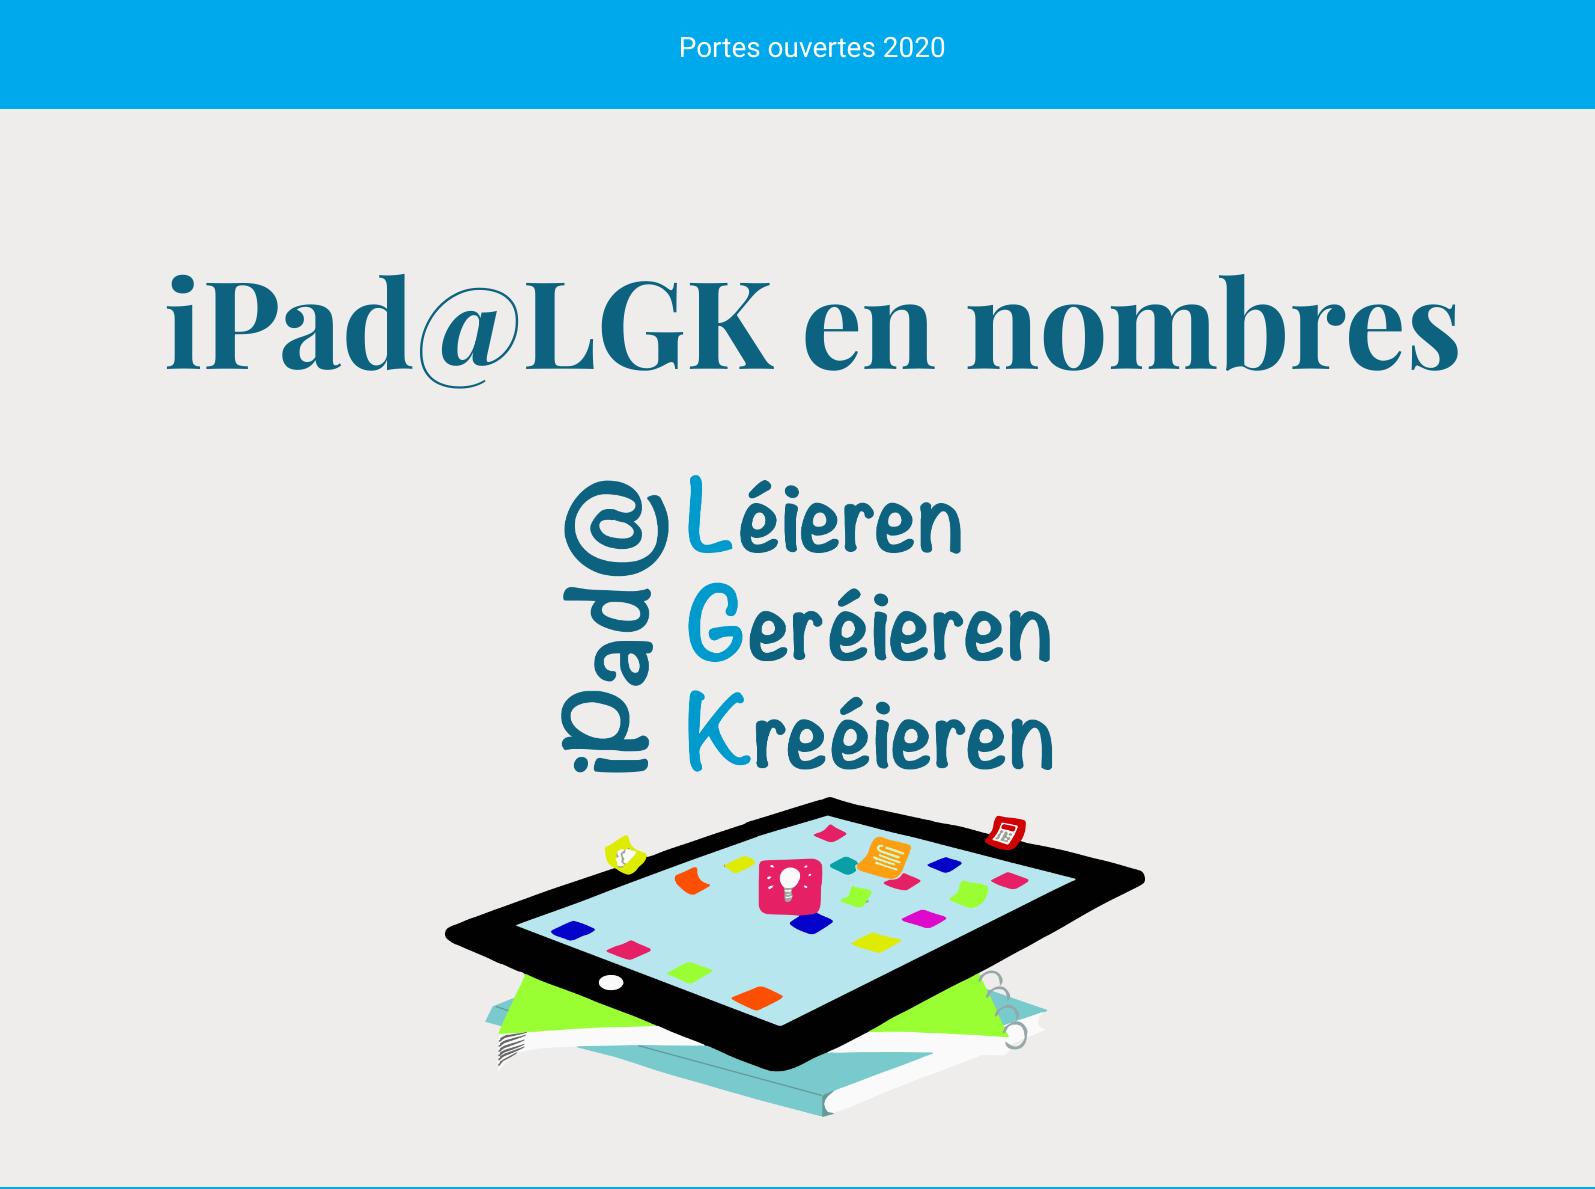 iPad@LGK en nombres